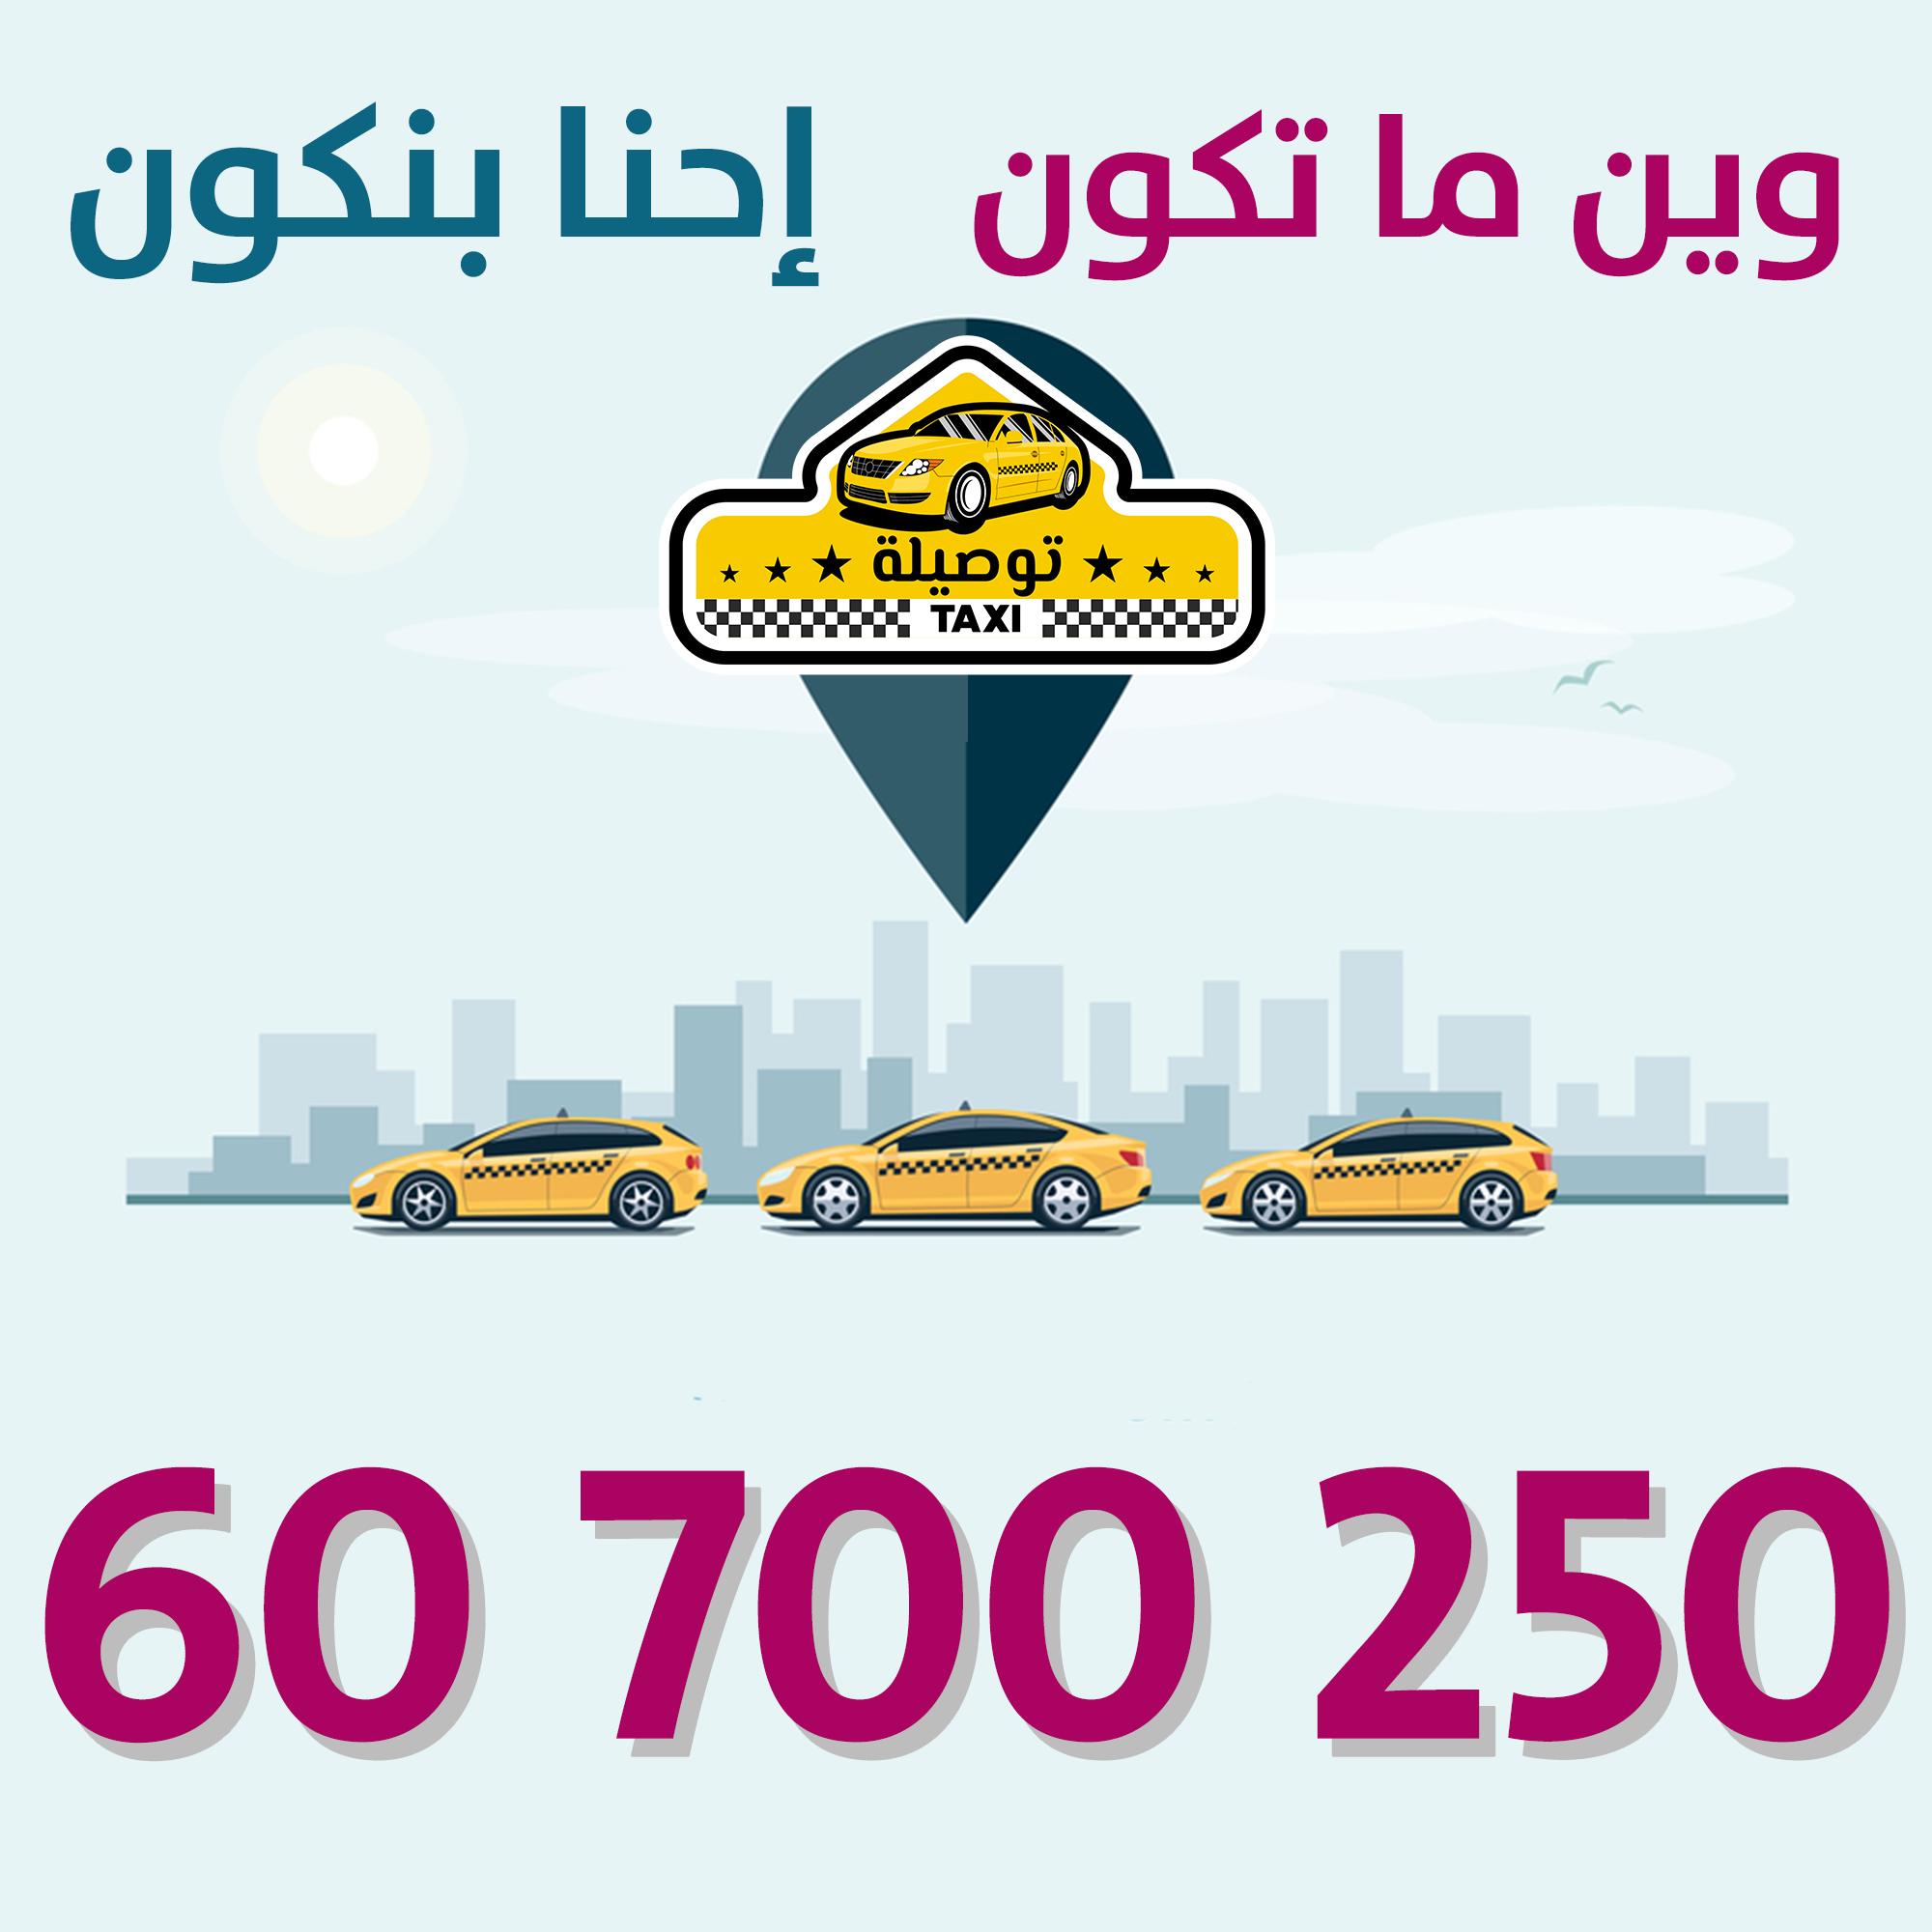 تاكسي توصيلة في شارع عبدالحميد عبدالعزيز الصانع